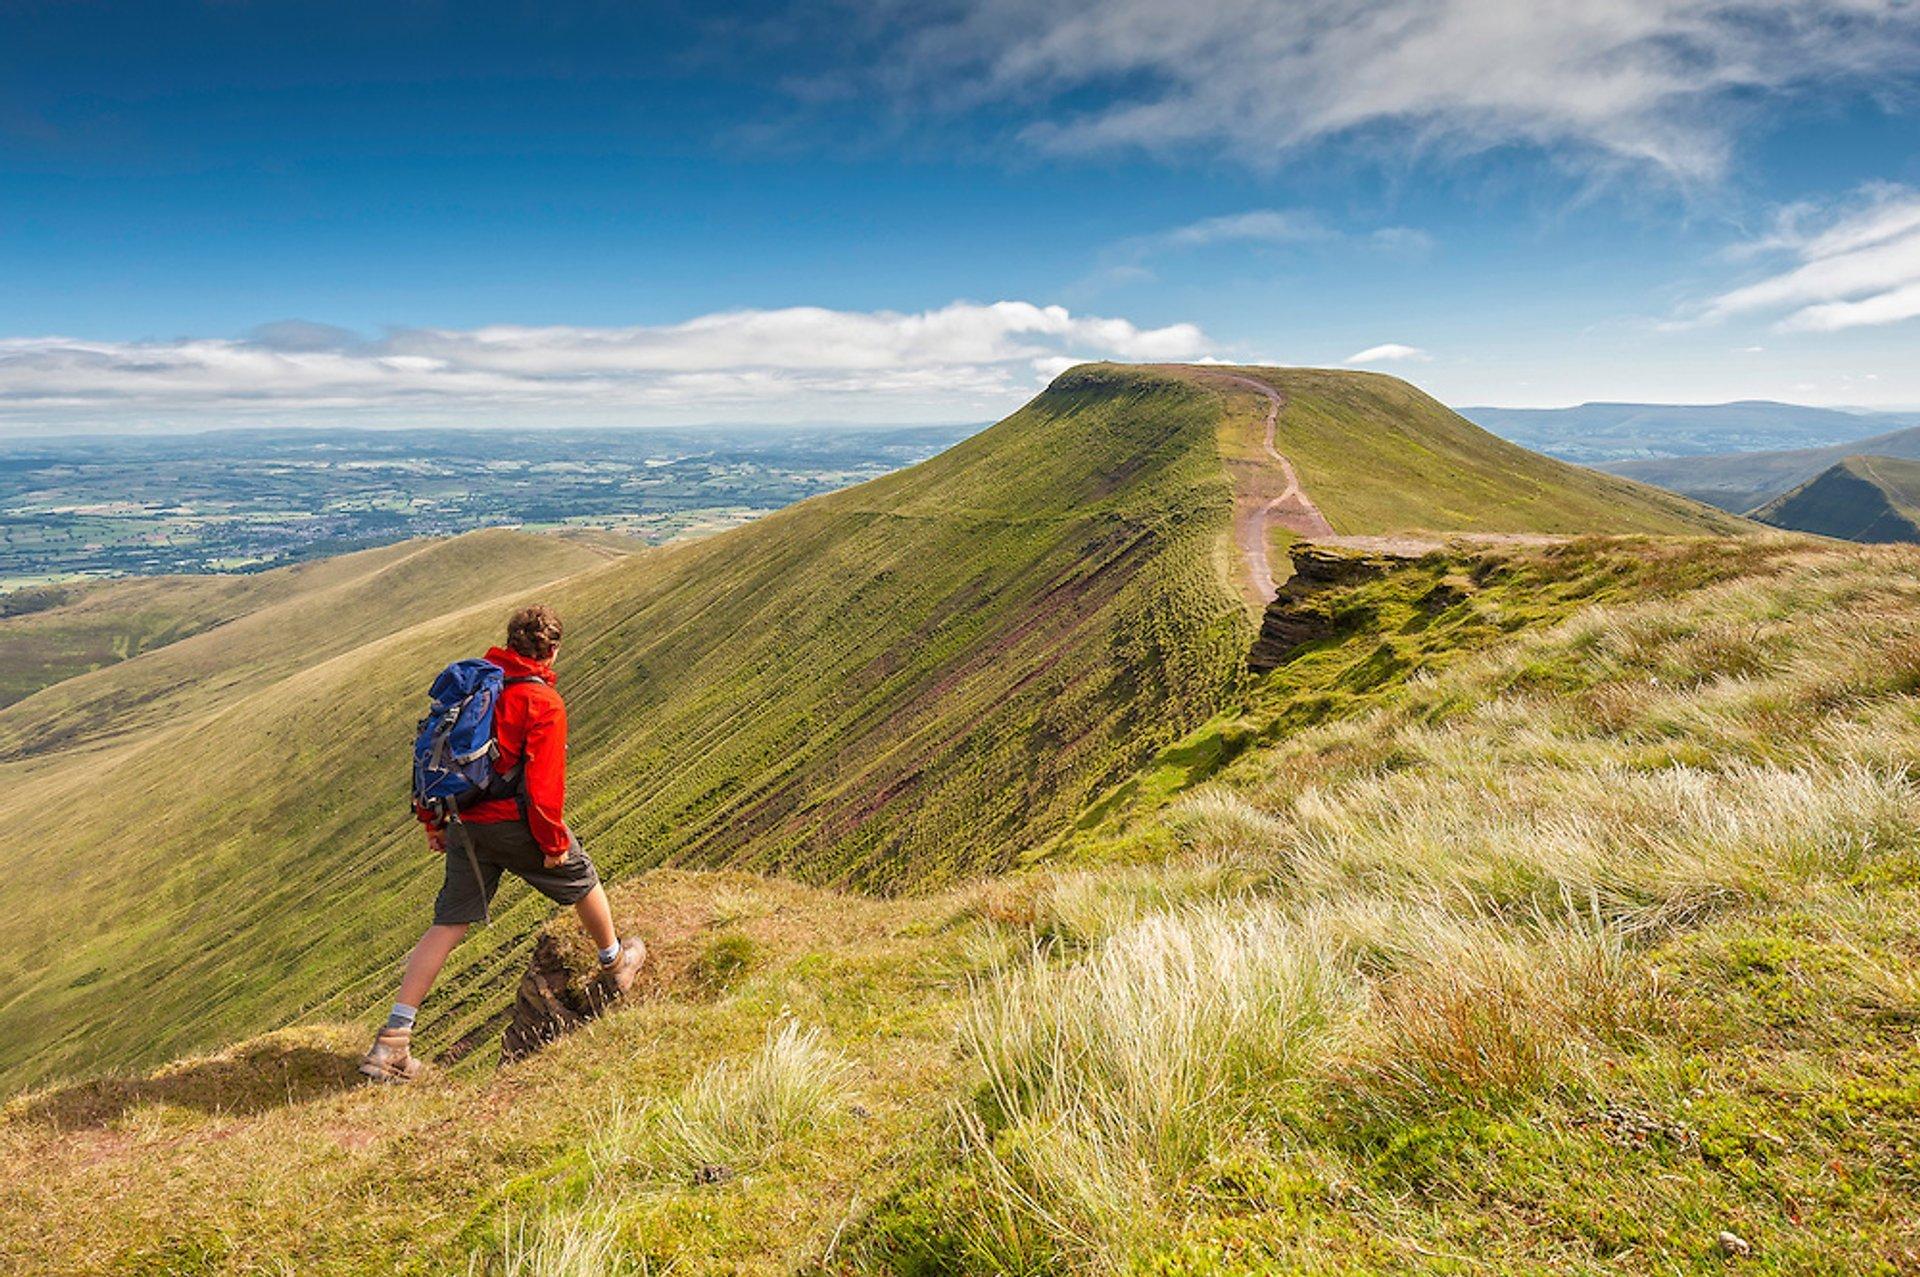 Waling near Corn Du summit looking over to Pen y Fan, Brecon Beacons 2020